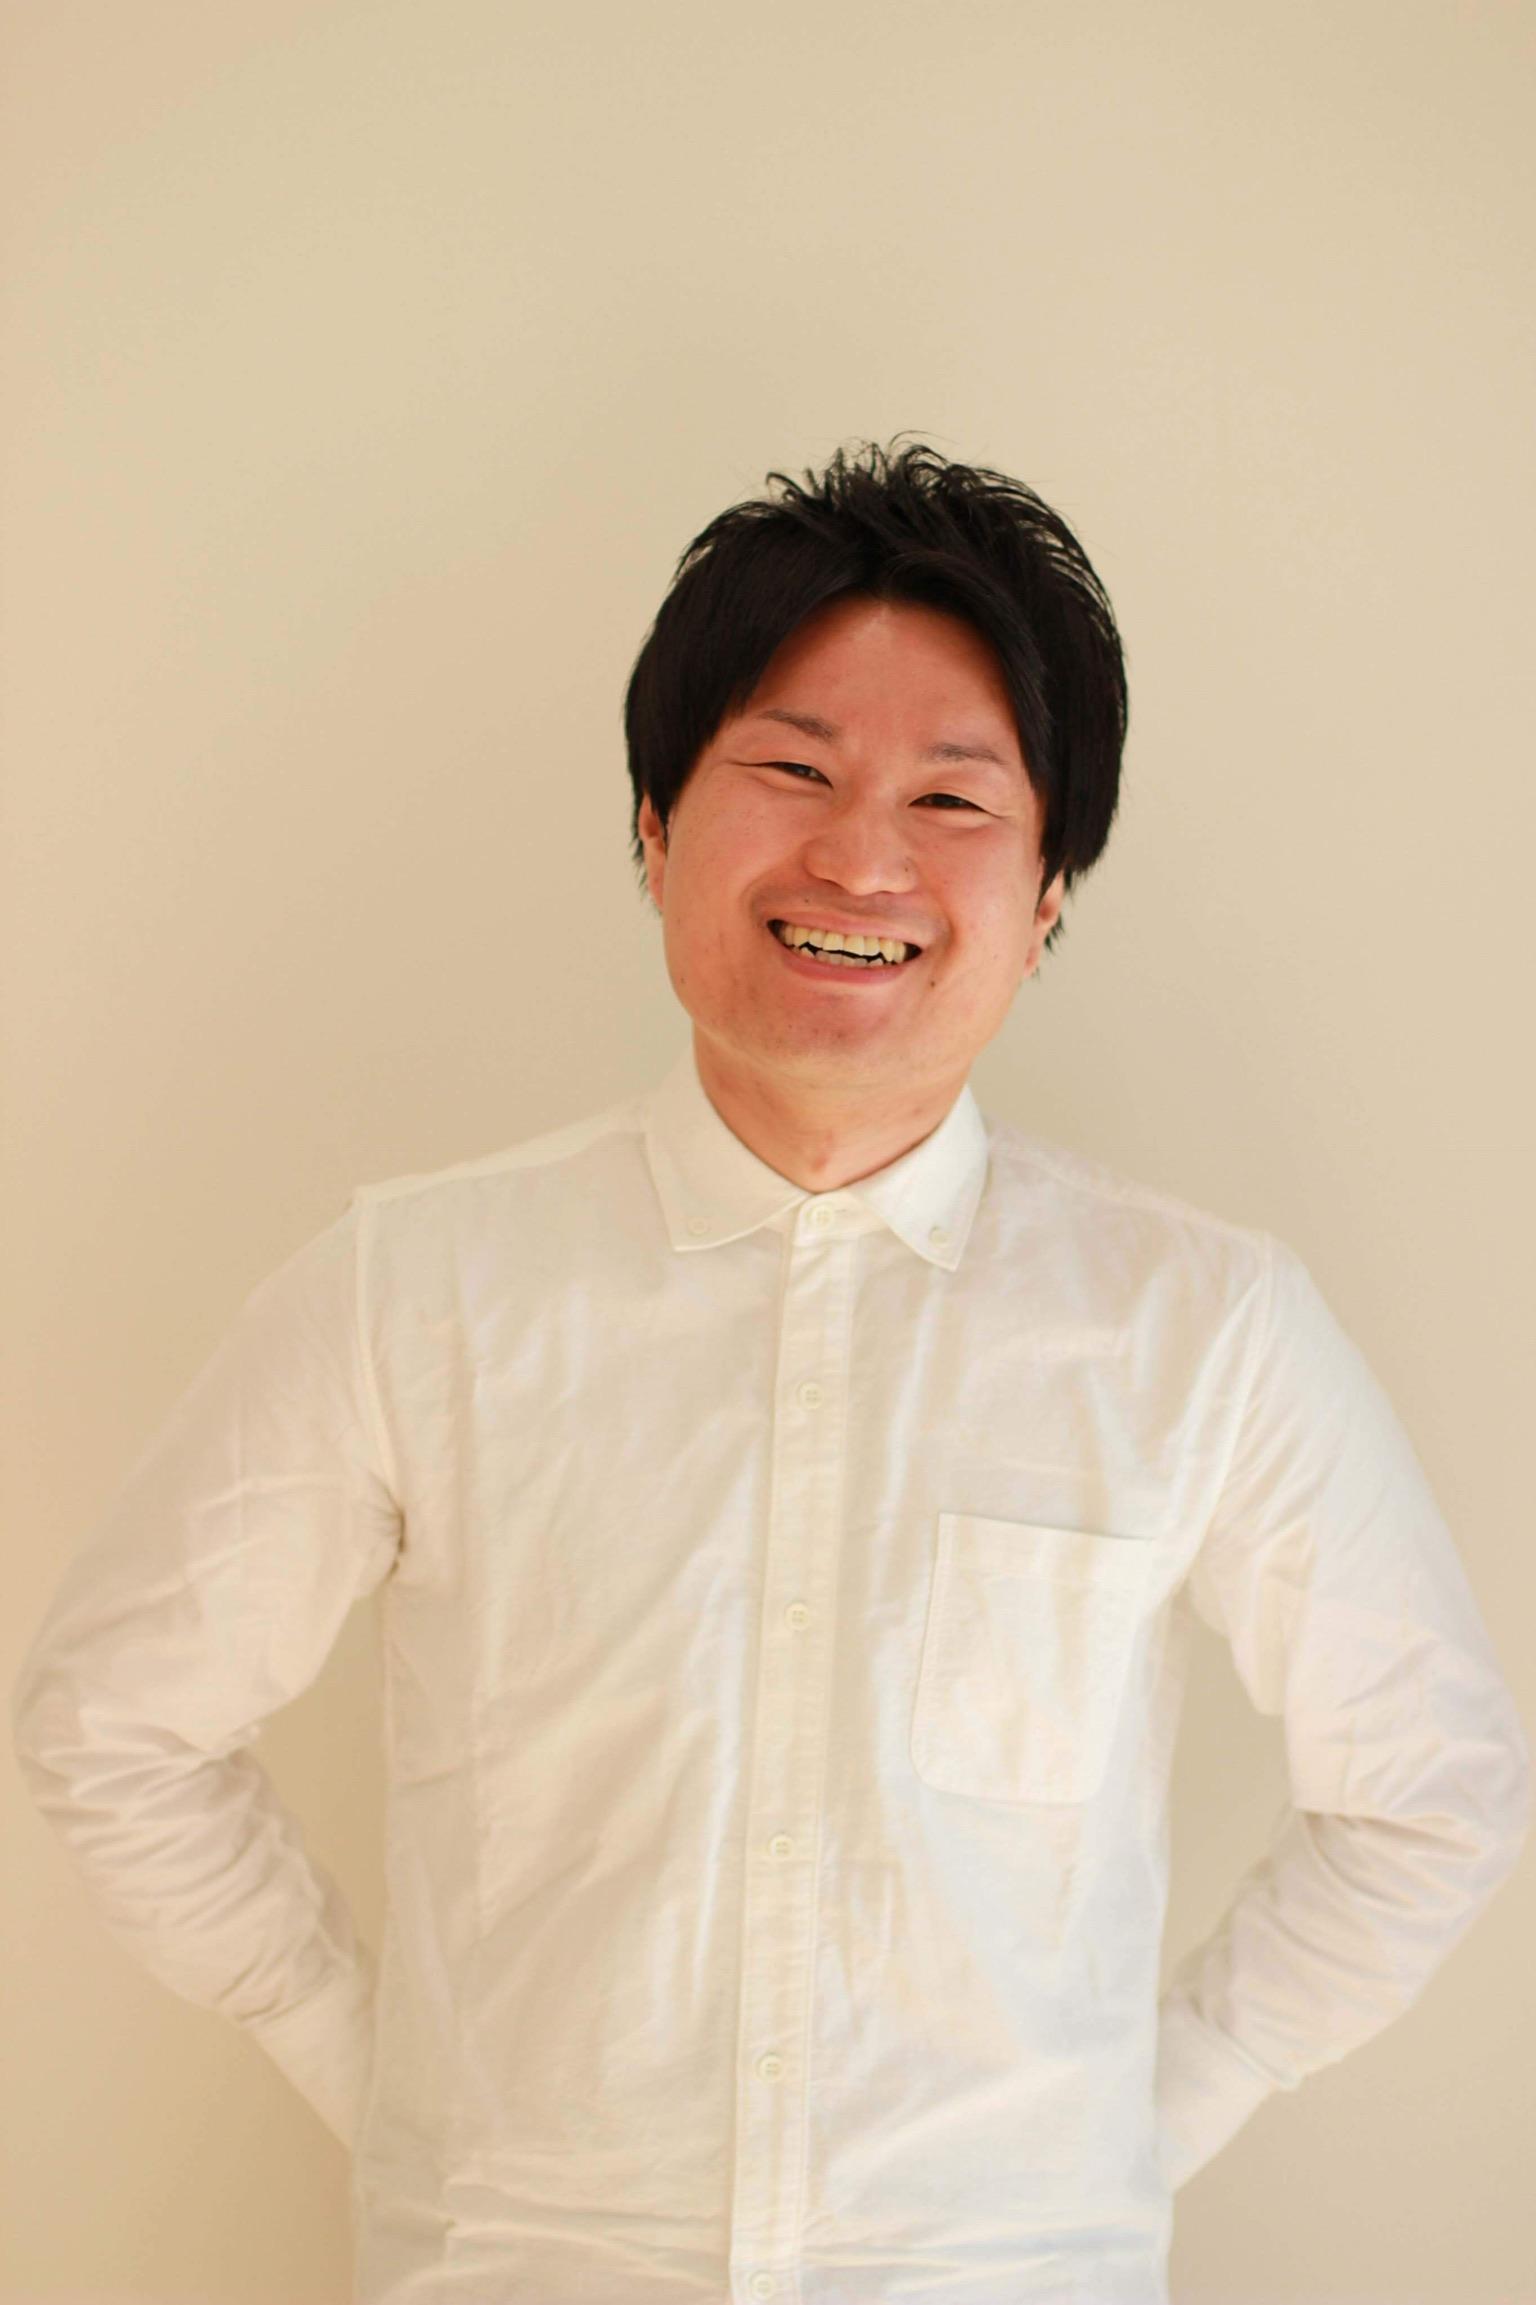 AKIHIRO KOMORI